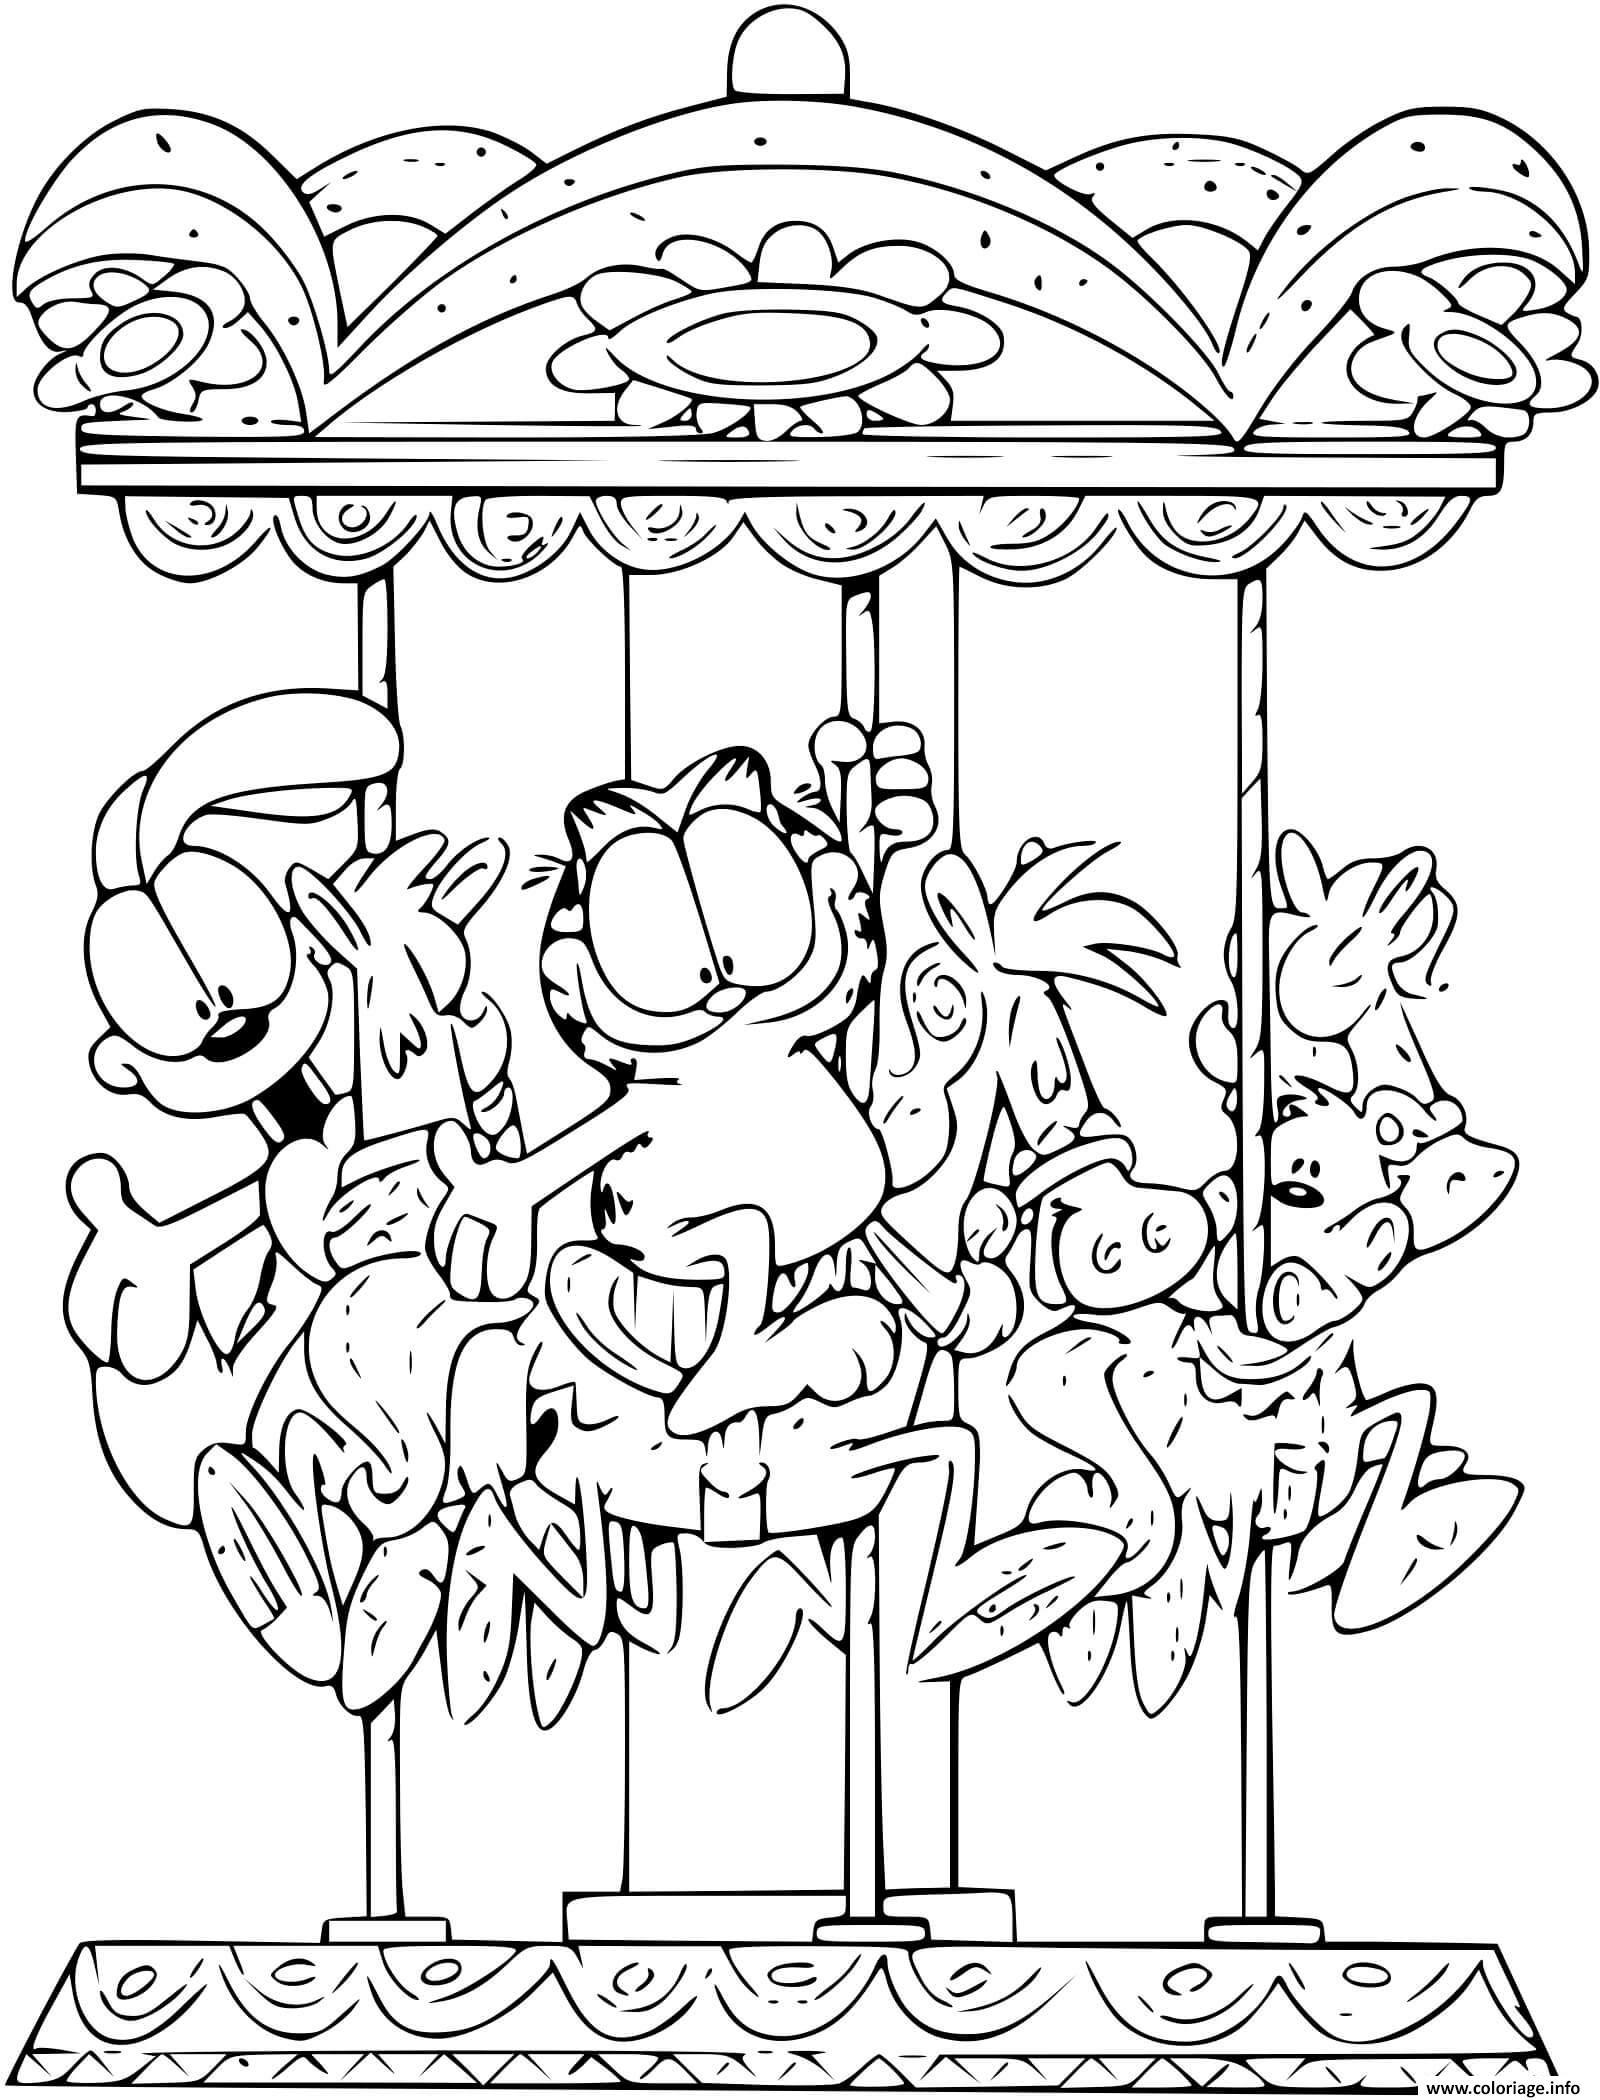 Dessin Garfield sur le cheval d un manege Coloriage Gratuit à Imprimer